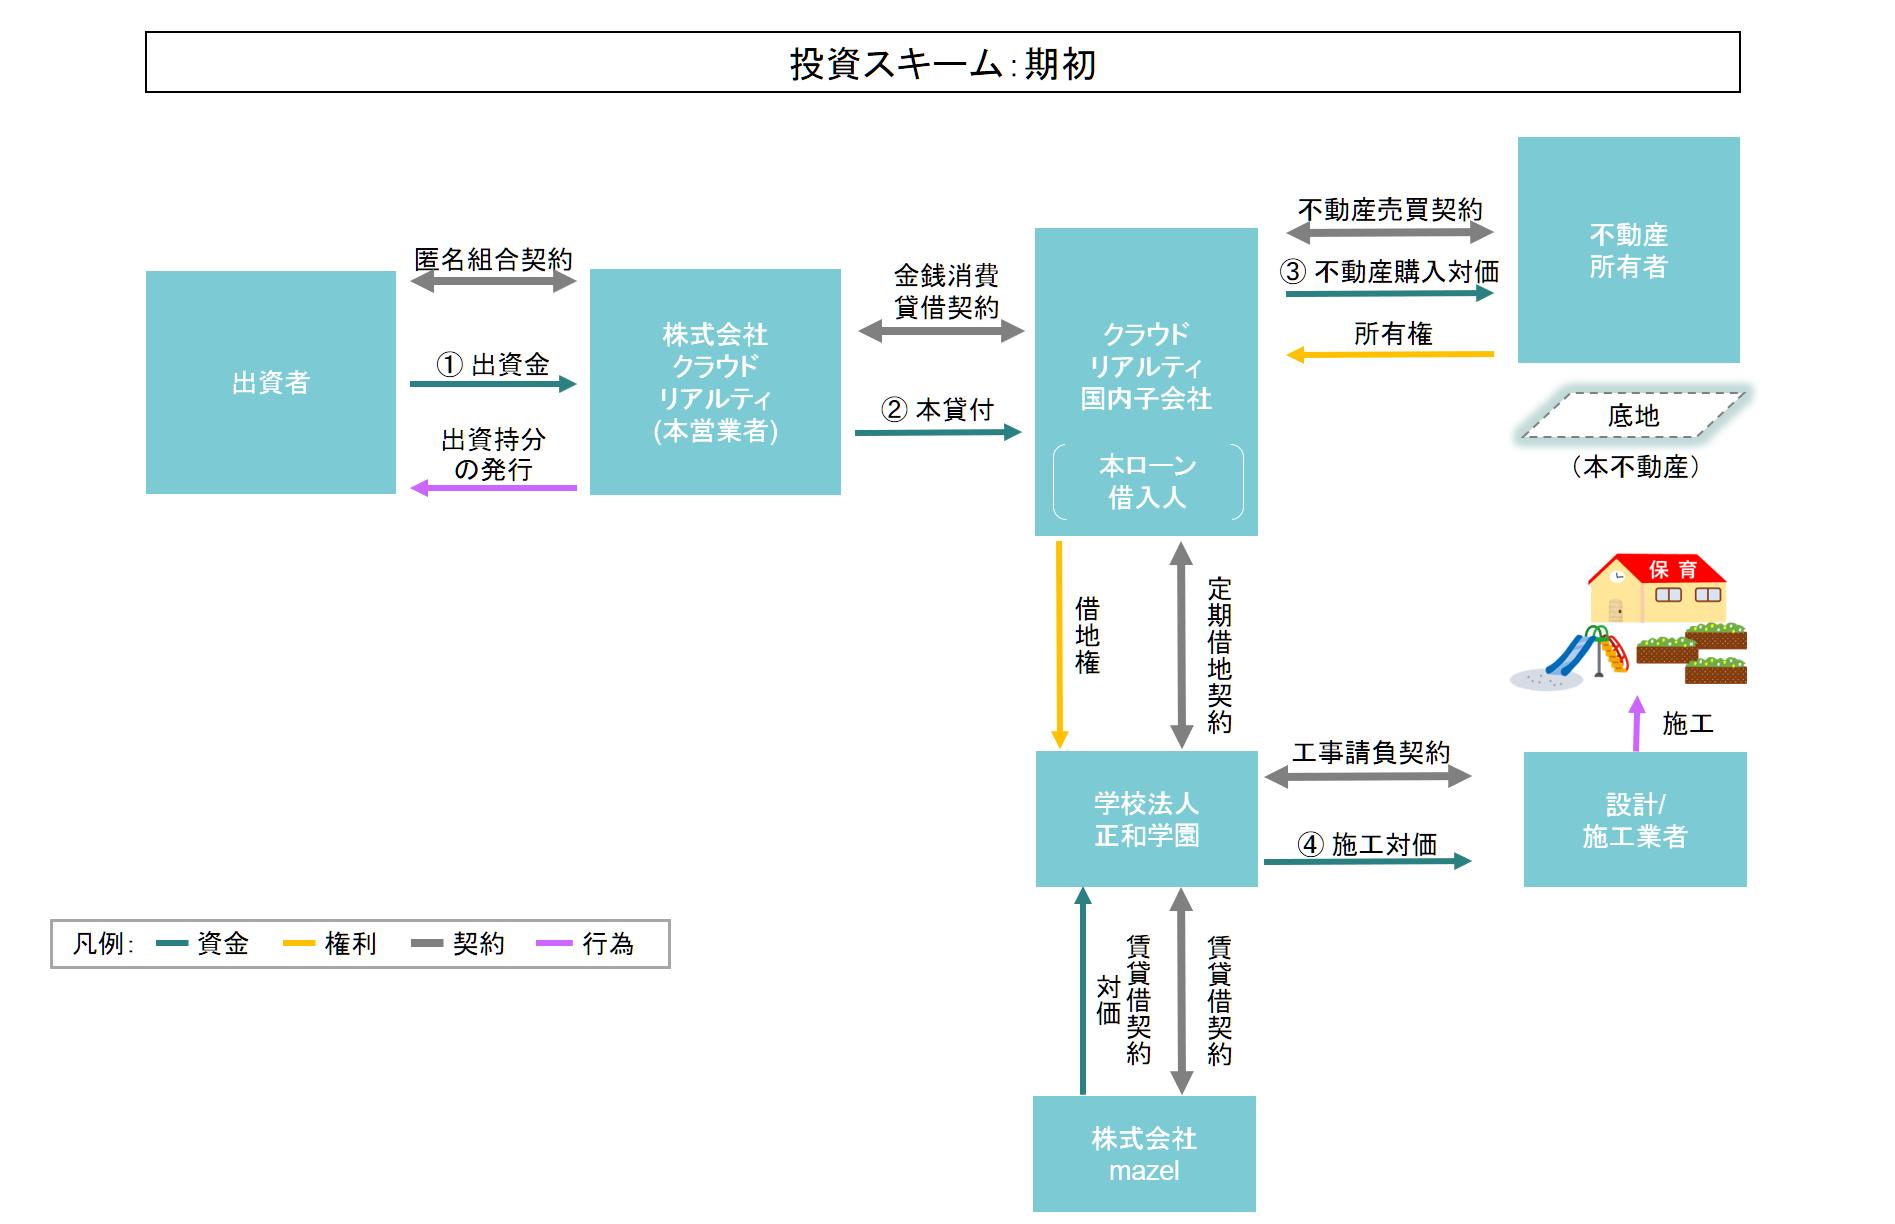 ファンドのスキーム図(期初)